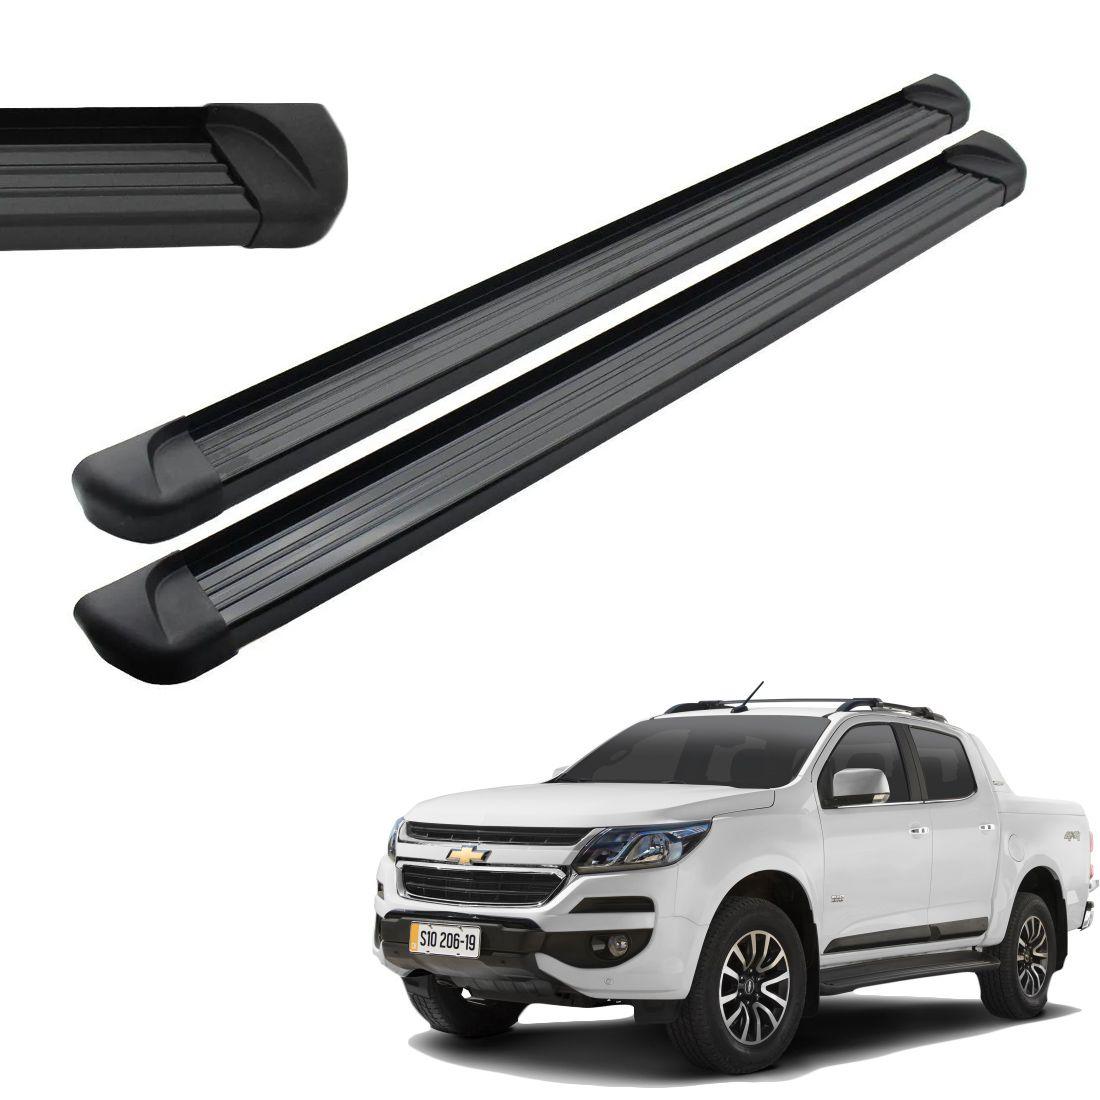 Estribo Aluminio Preto Cabine Dupla S10 2012 a 2018 2019 2020